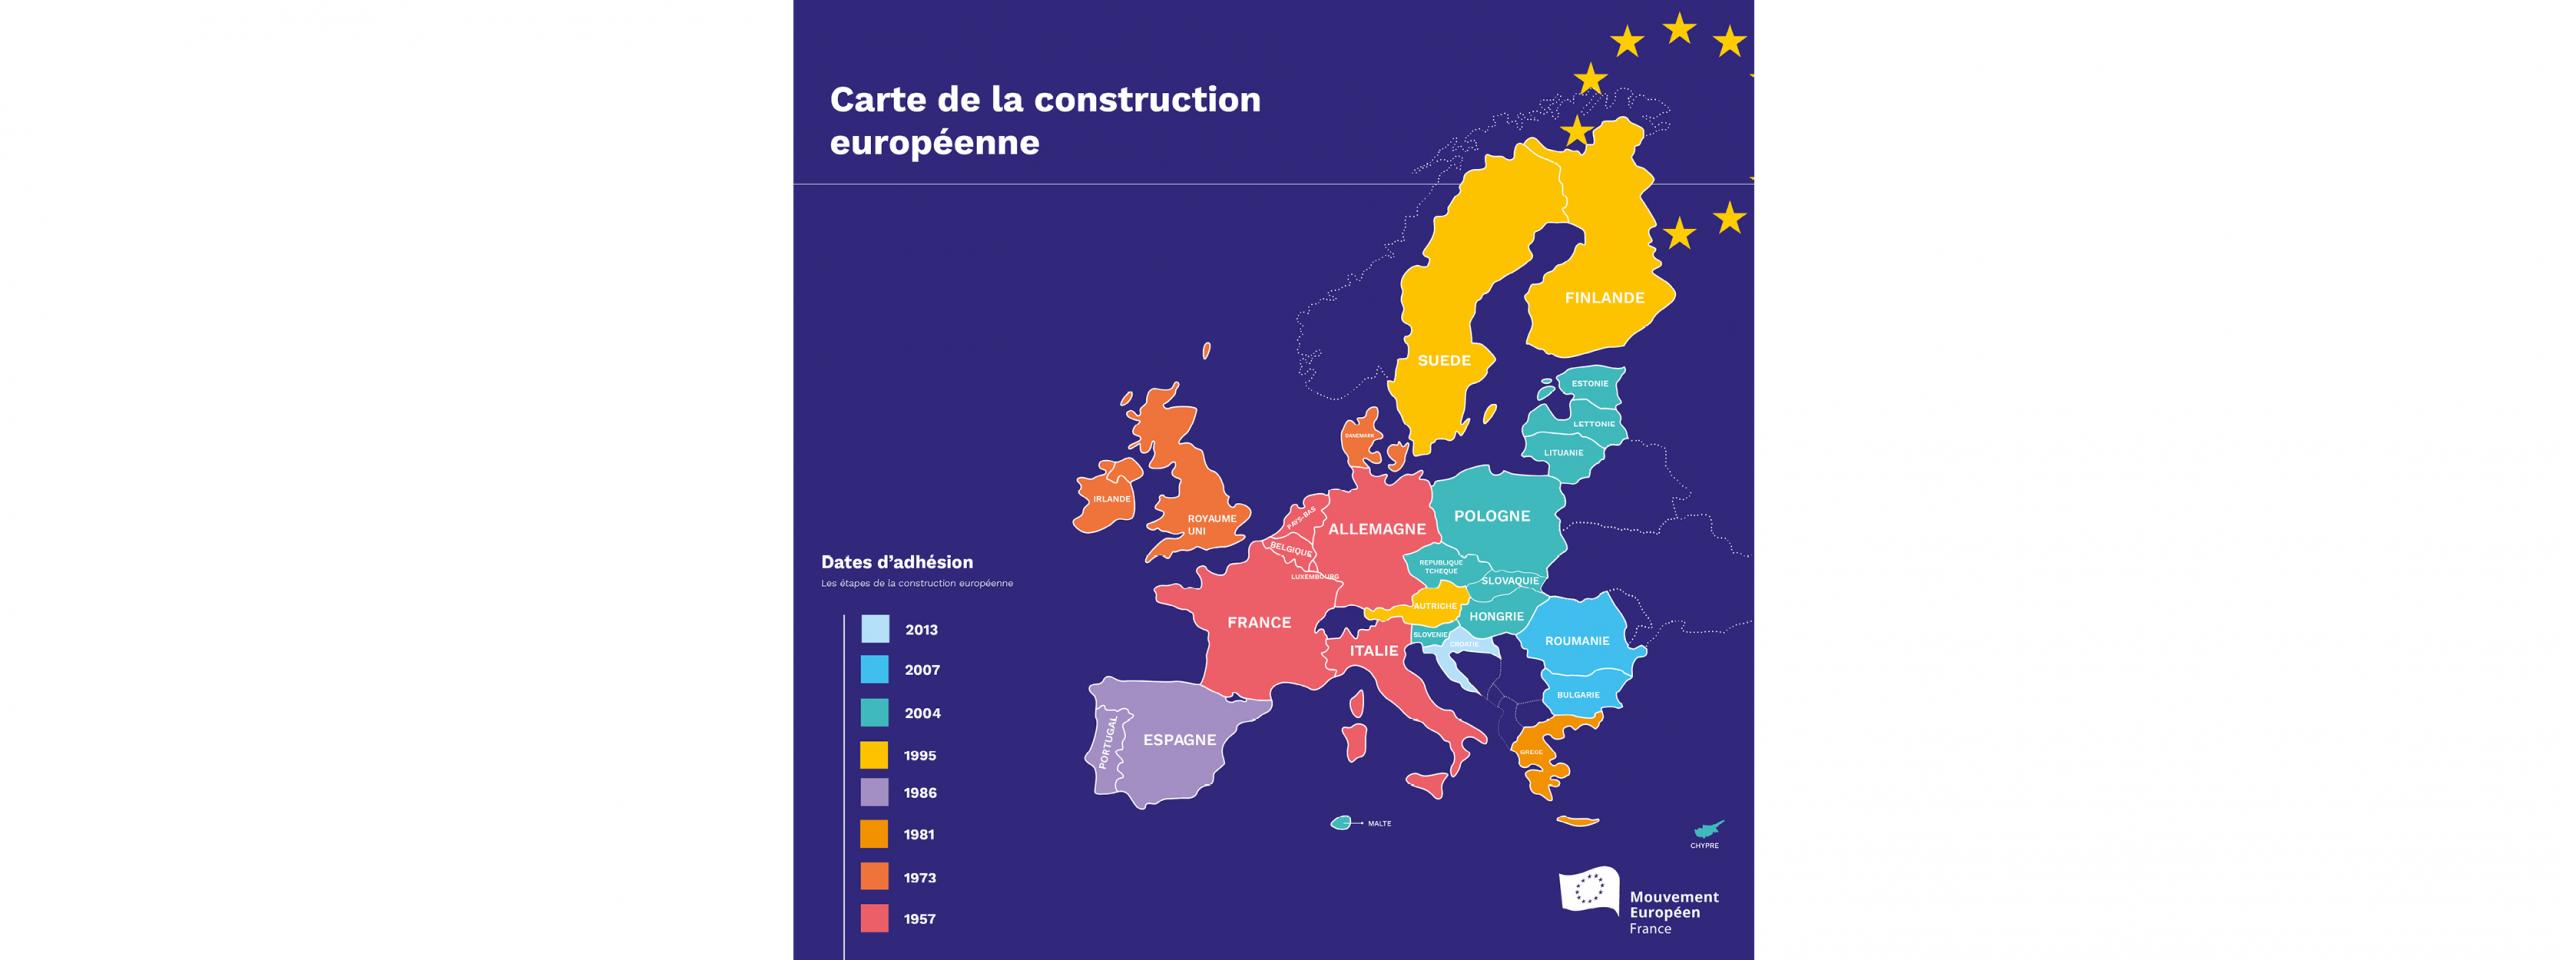 Union Européenne : La Construction Européenne En Carte dedans Carte De L Europe Avec Pays